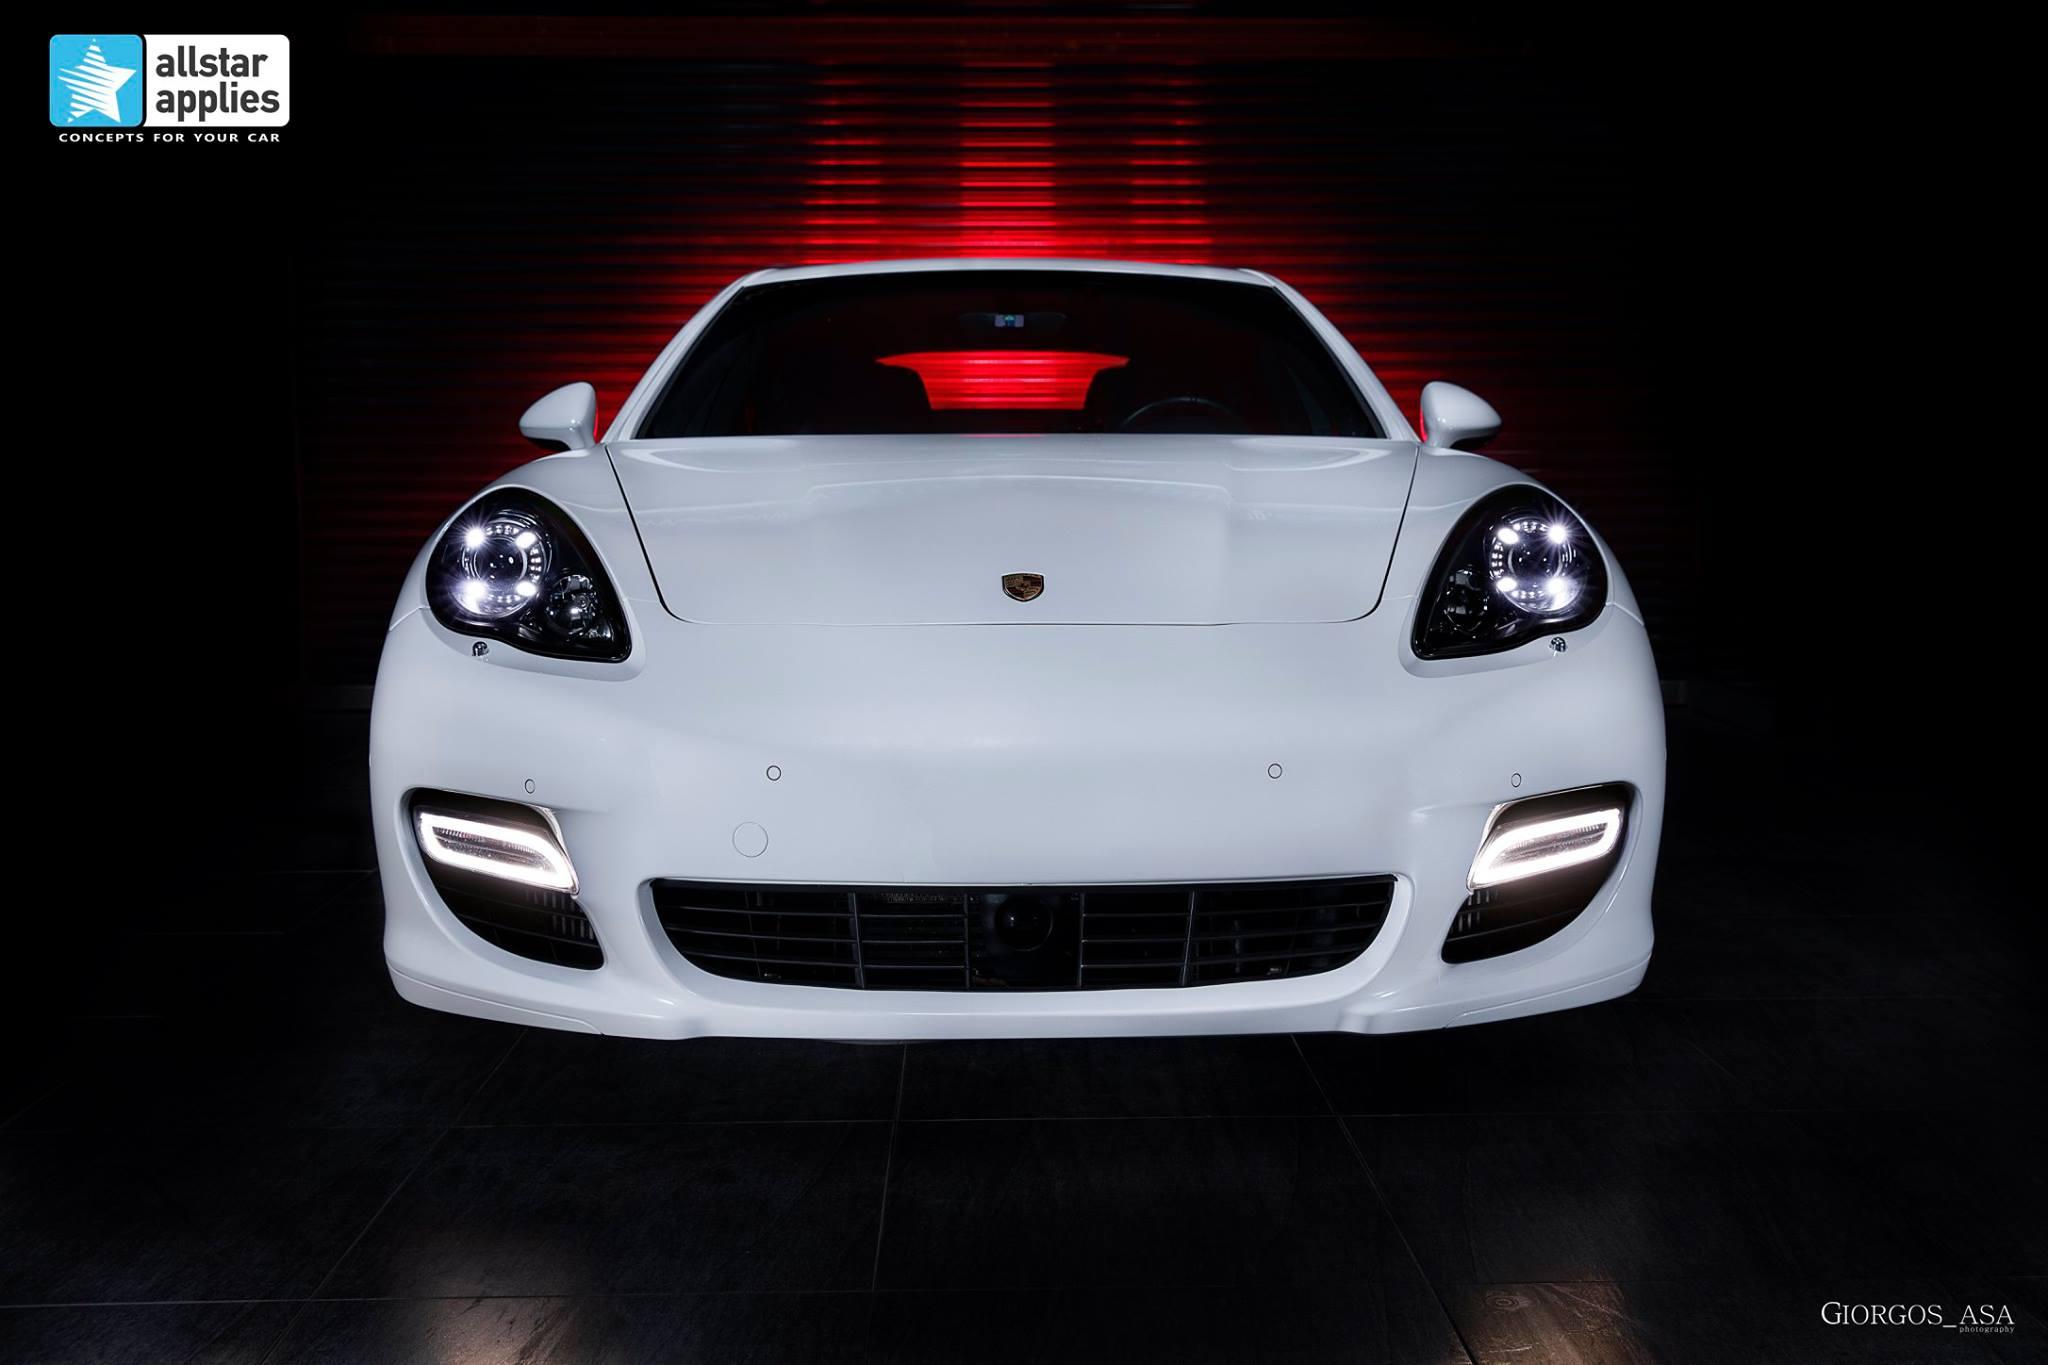 Porsche Panamera Turbo S – White Metallic (1)